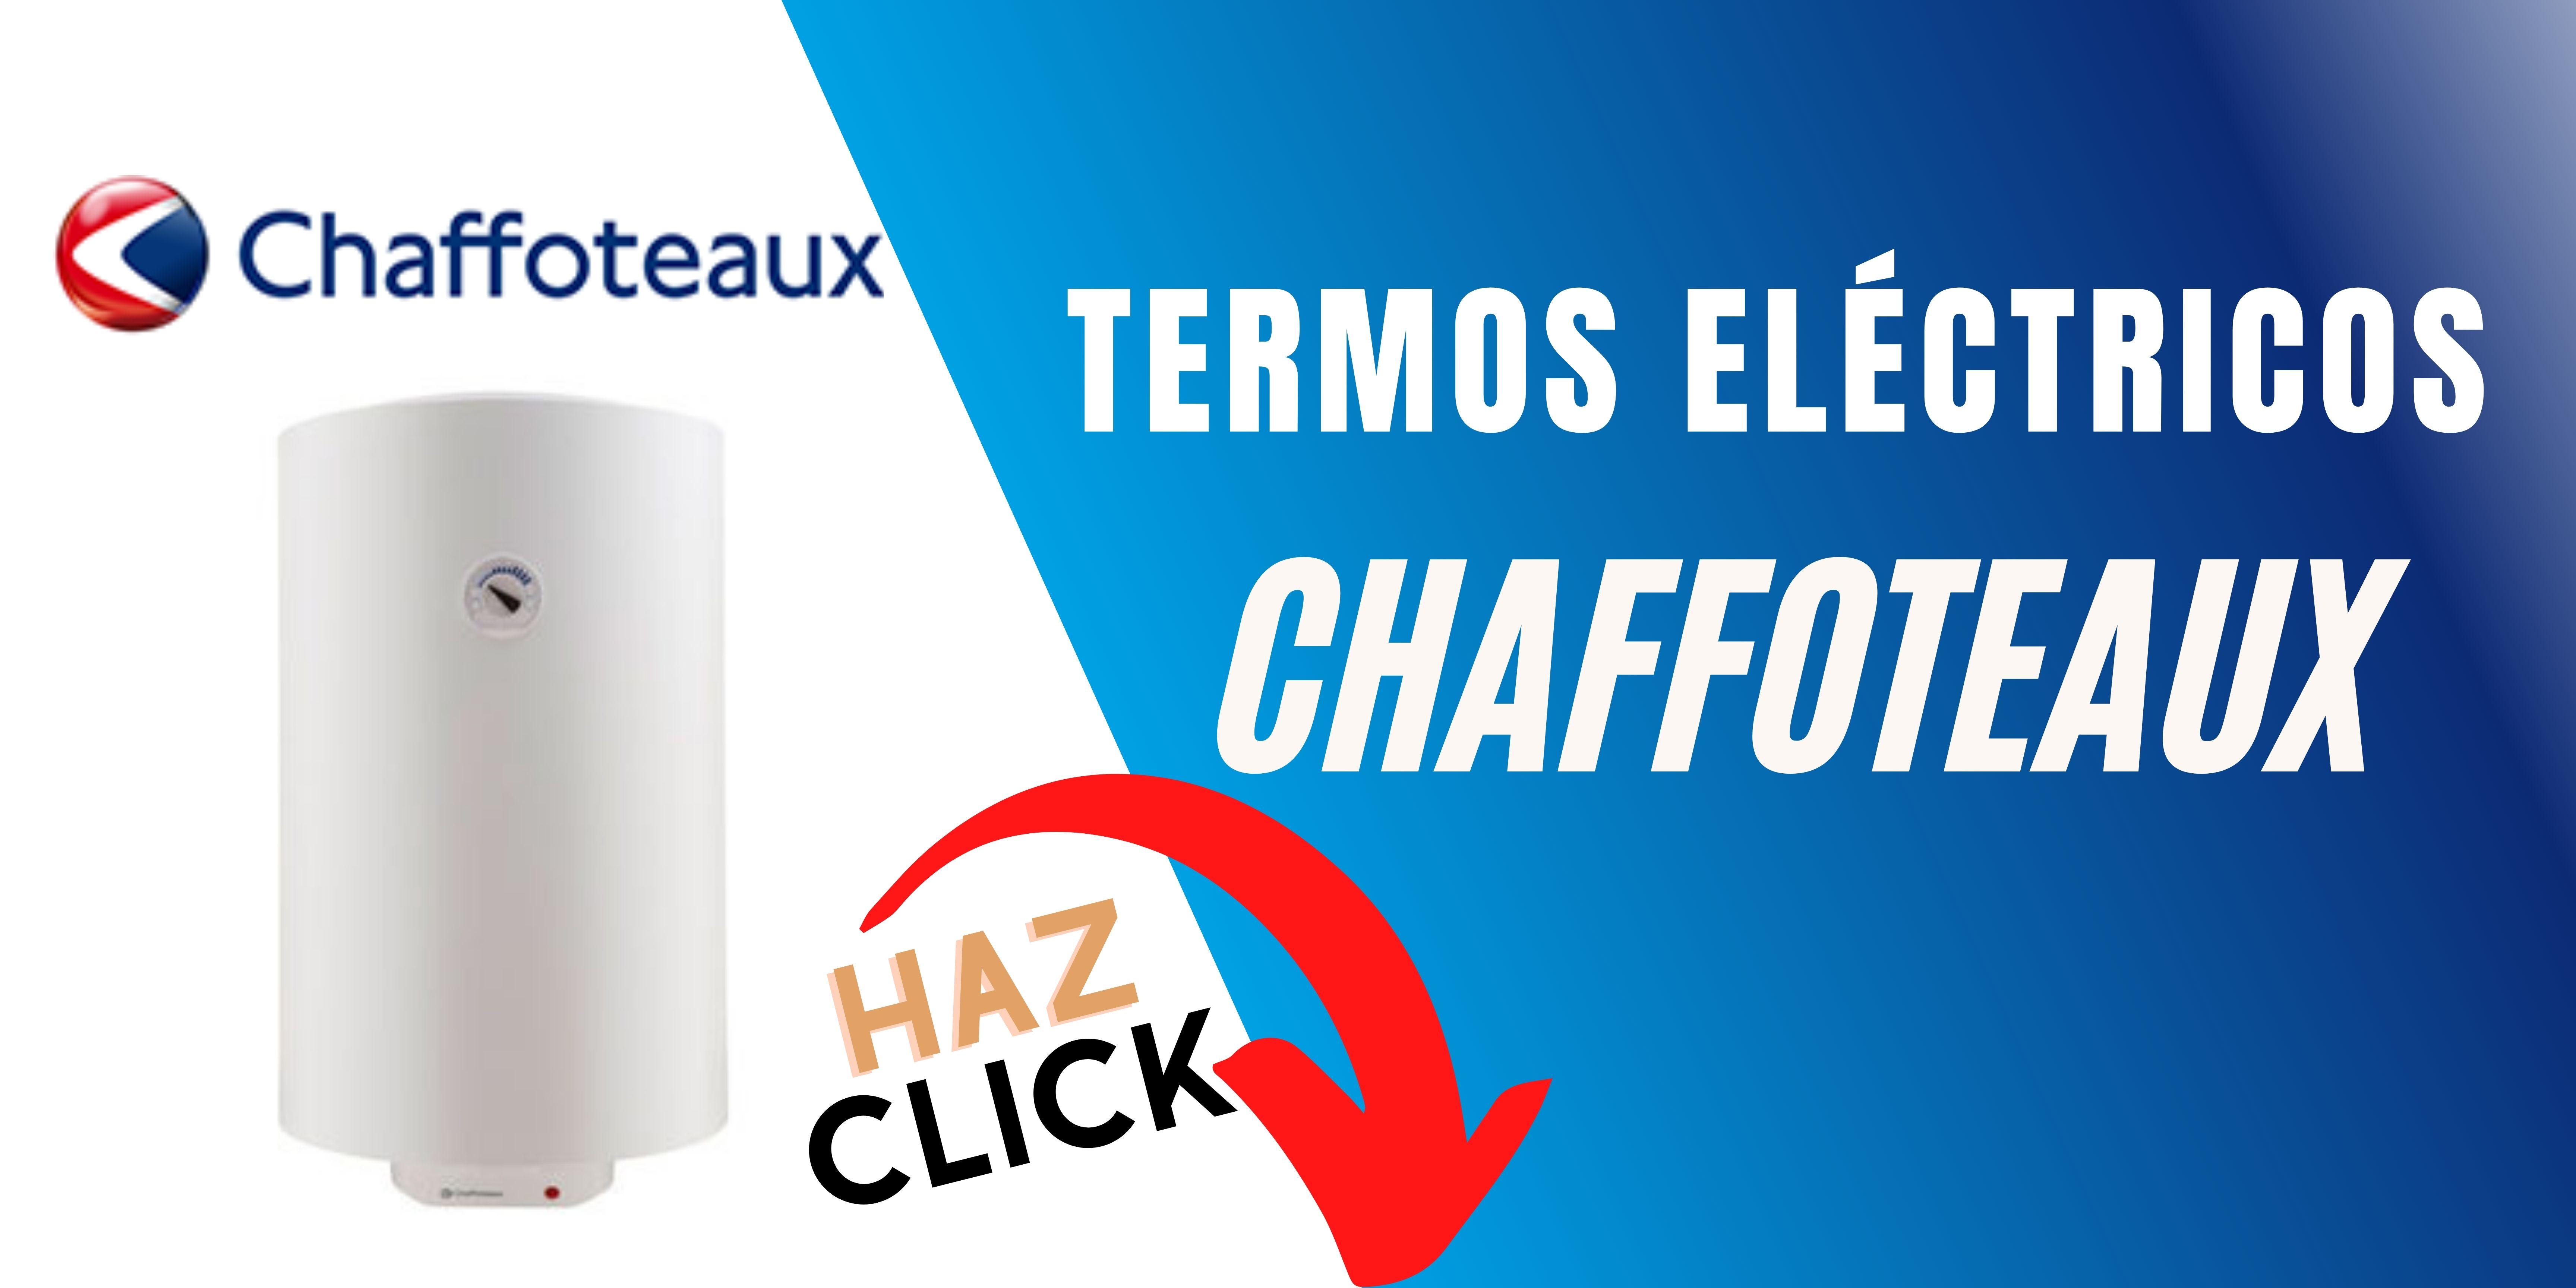 Termo eléctrico Chaffoteaux mejor precio online